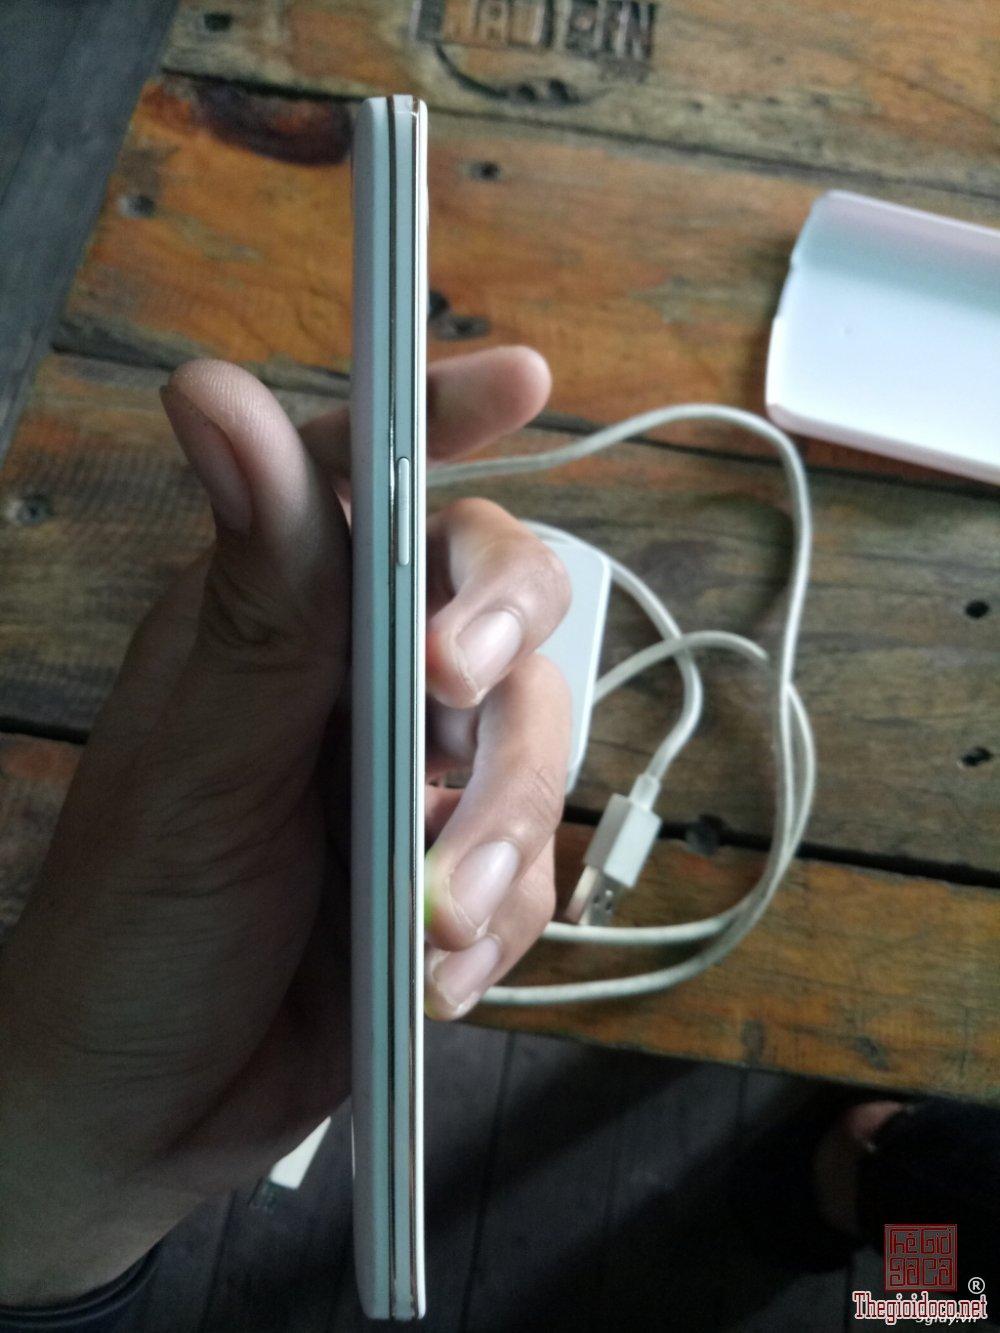 Oppo n1 mini (7).jpg